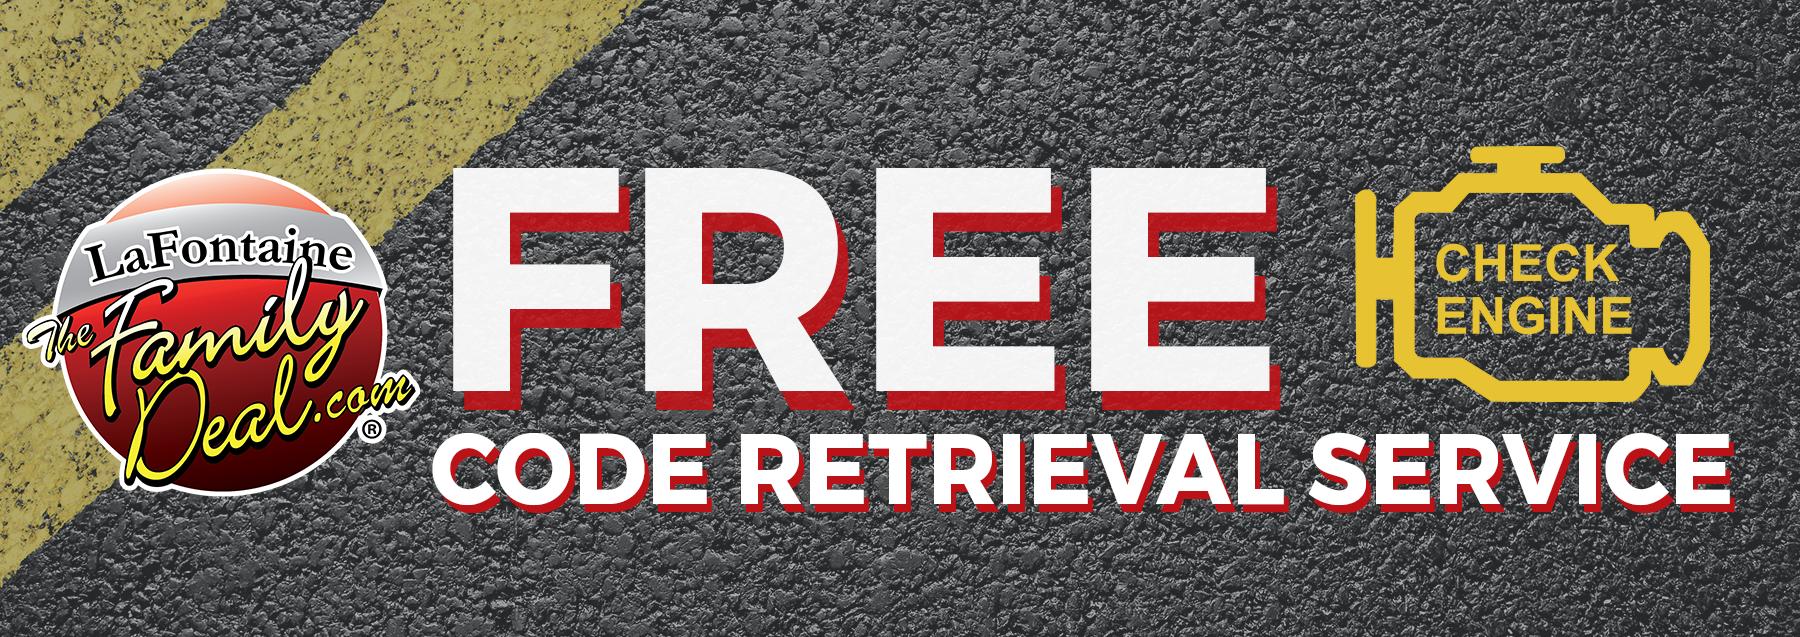 Free Check Engine Light Code Retrieval Service | LaFontaine